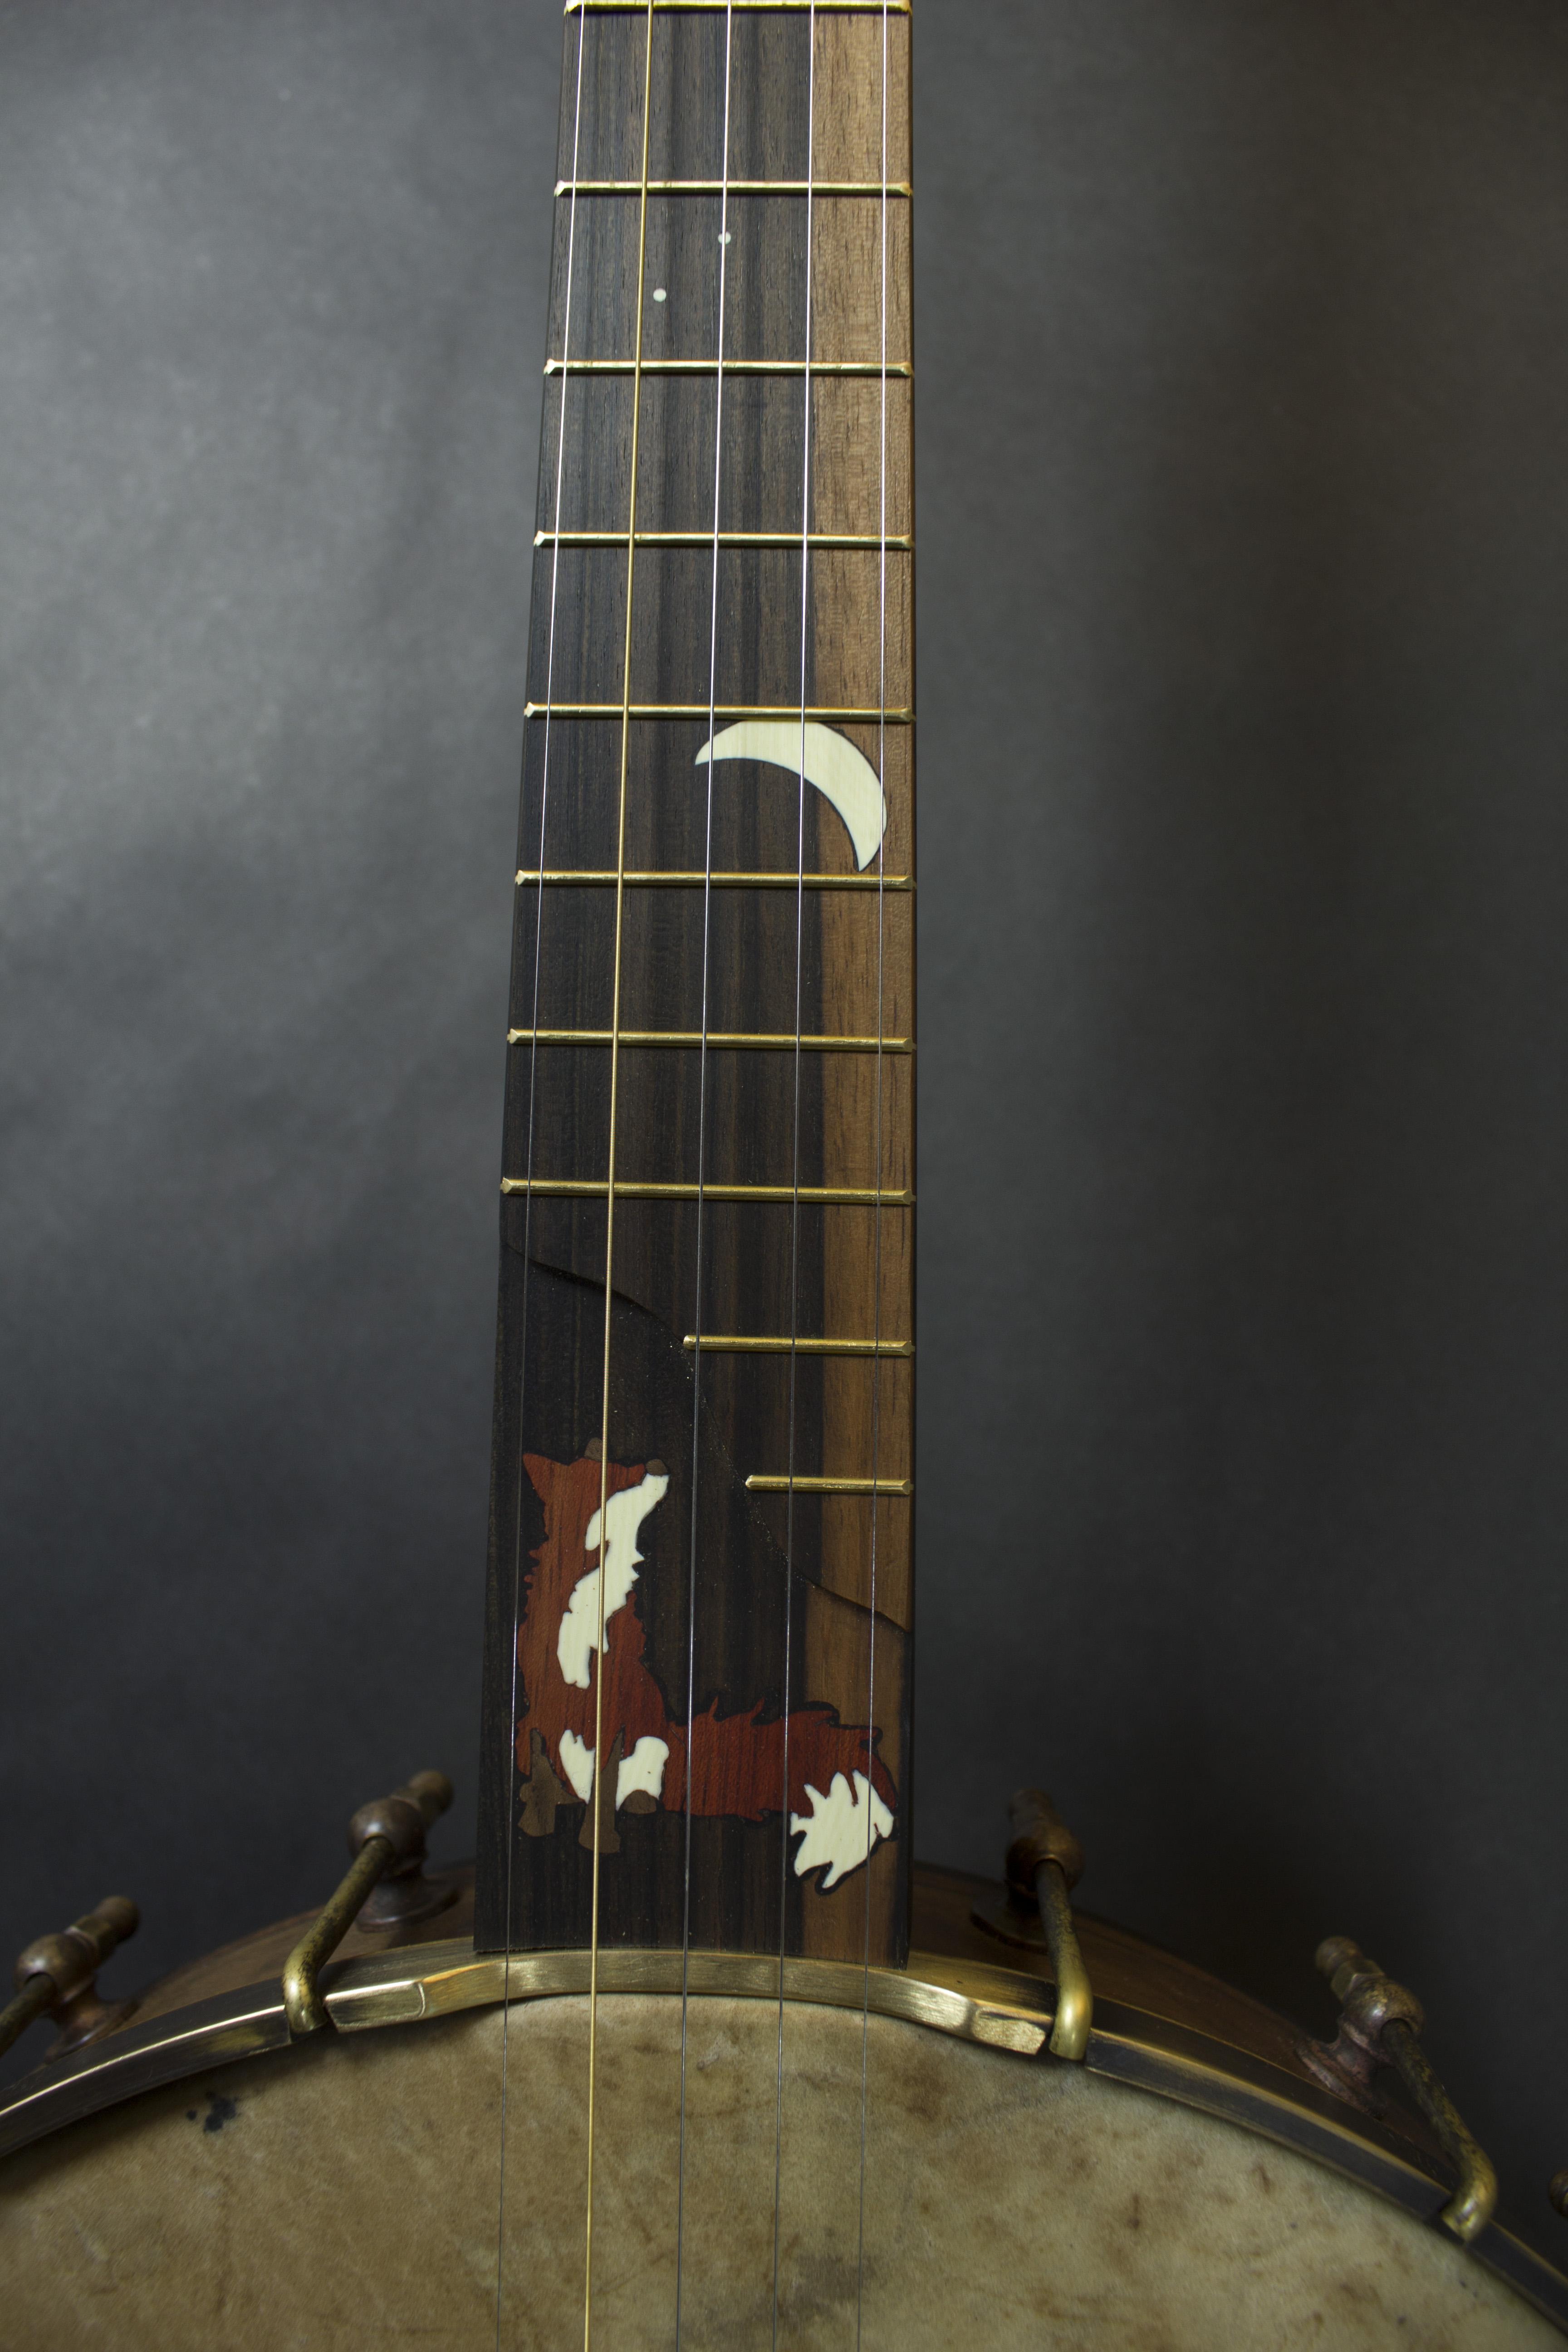 Fox Banjo 2 Inlay